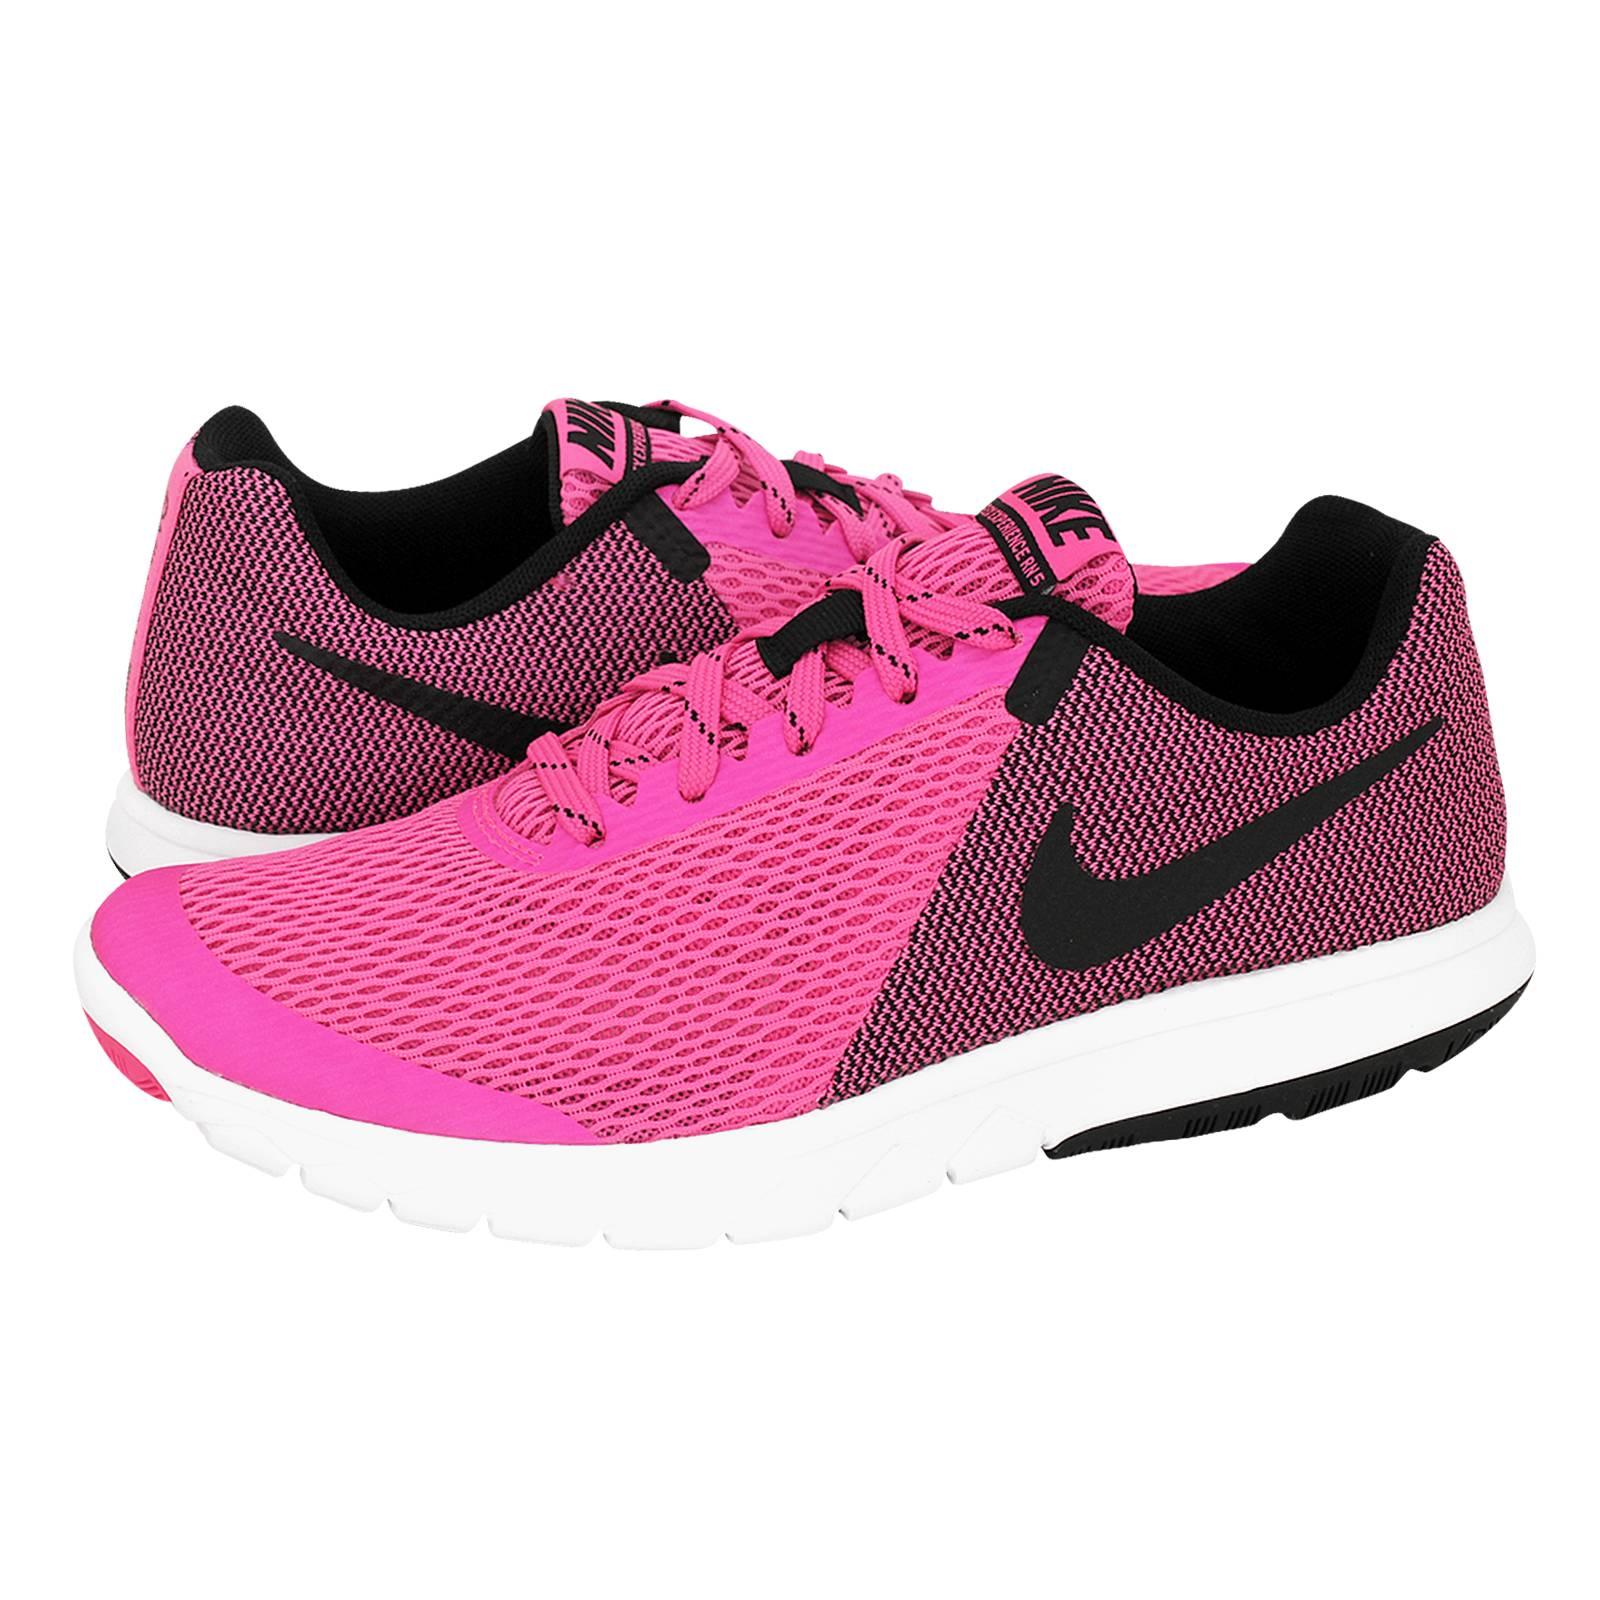 Flex Experience RN 5 - Nike Women's